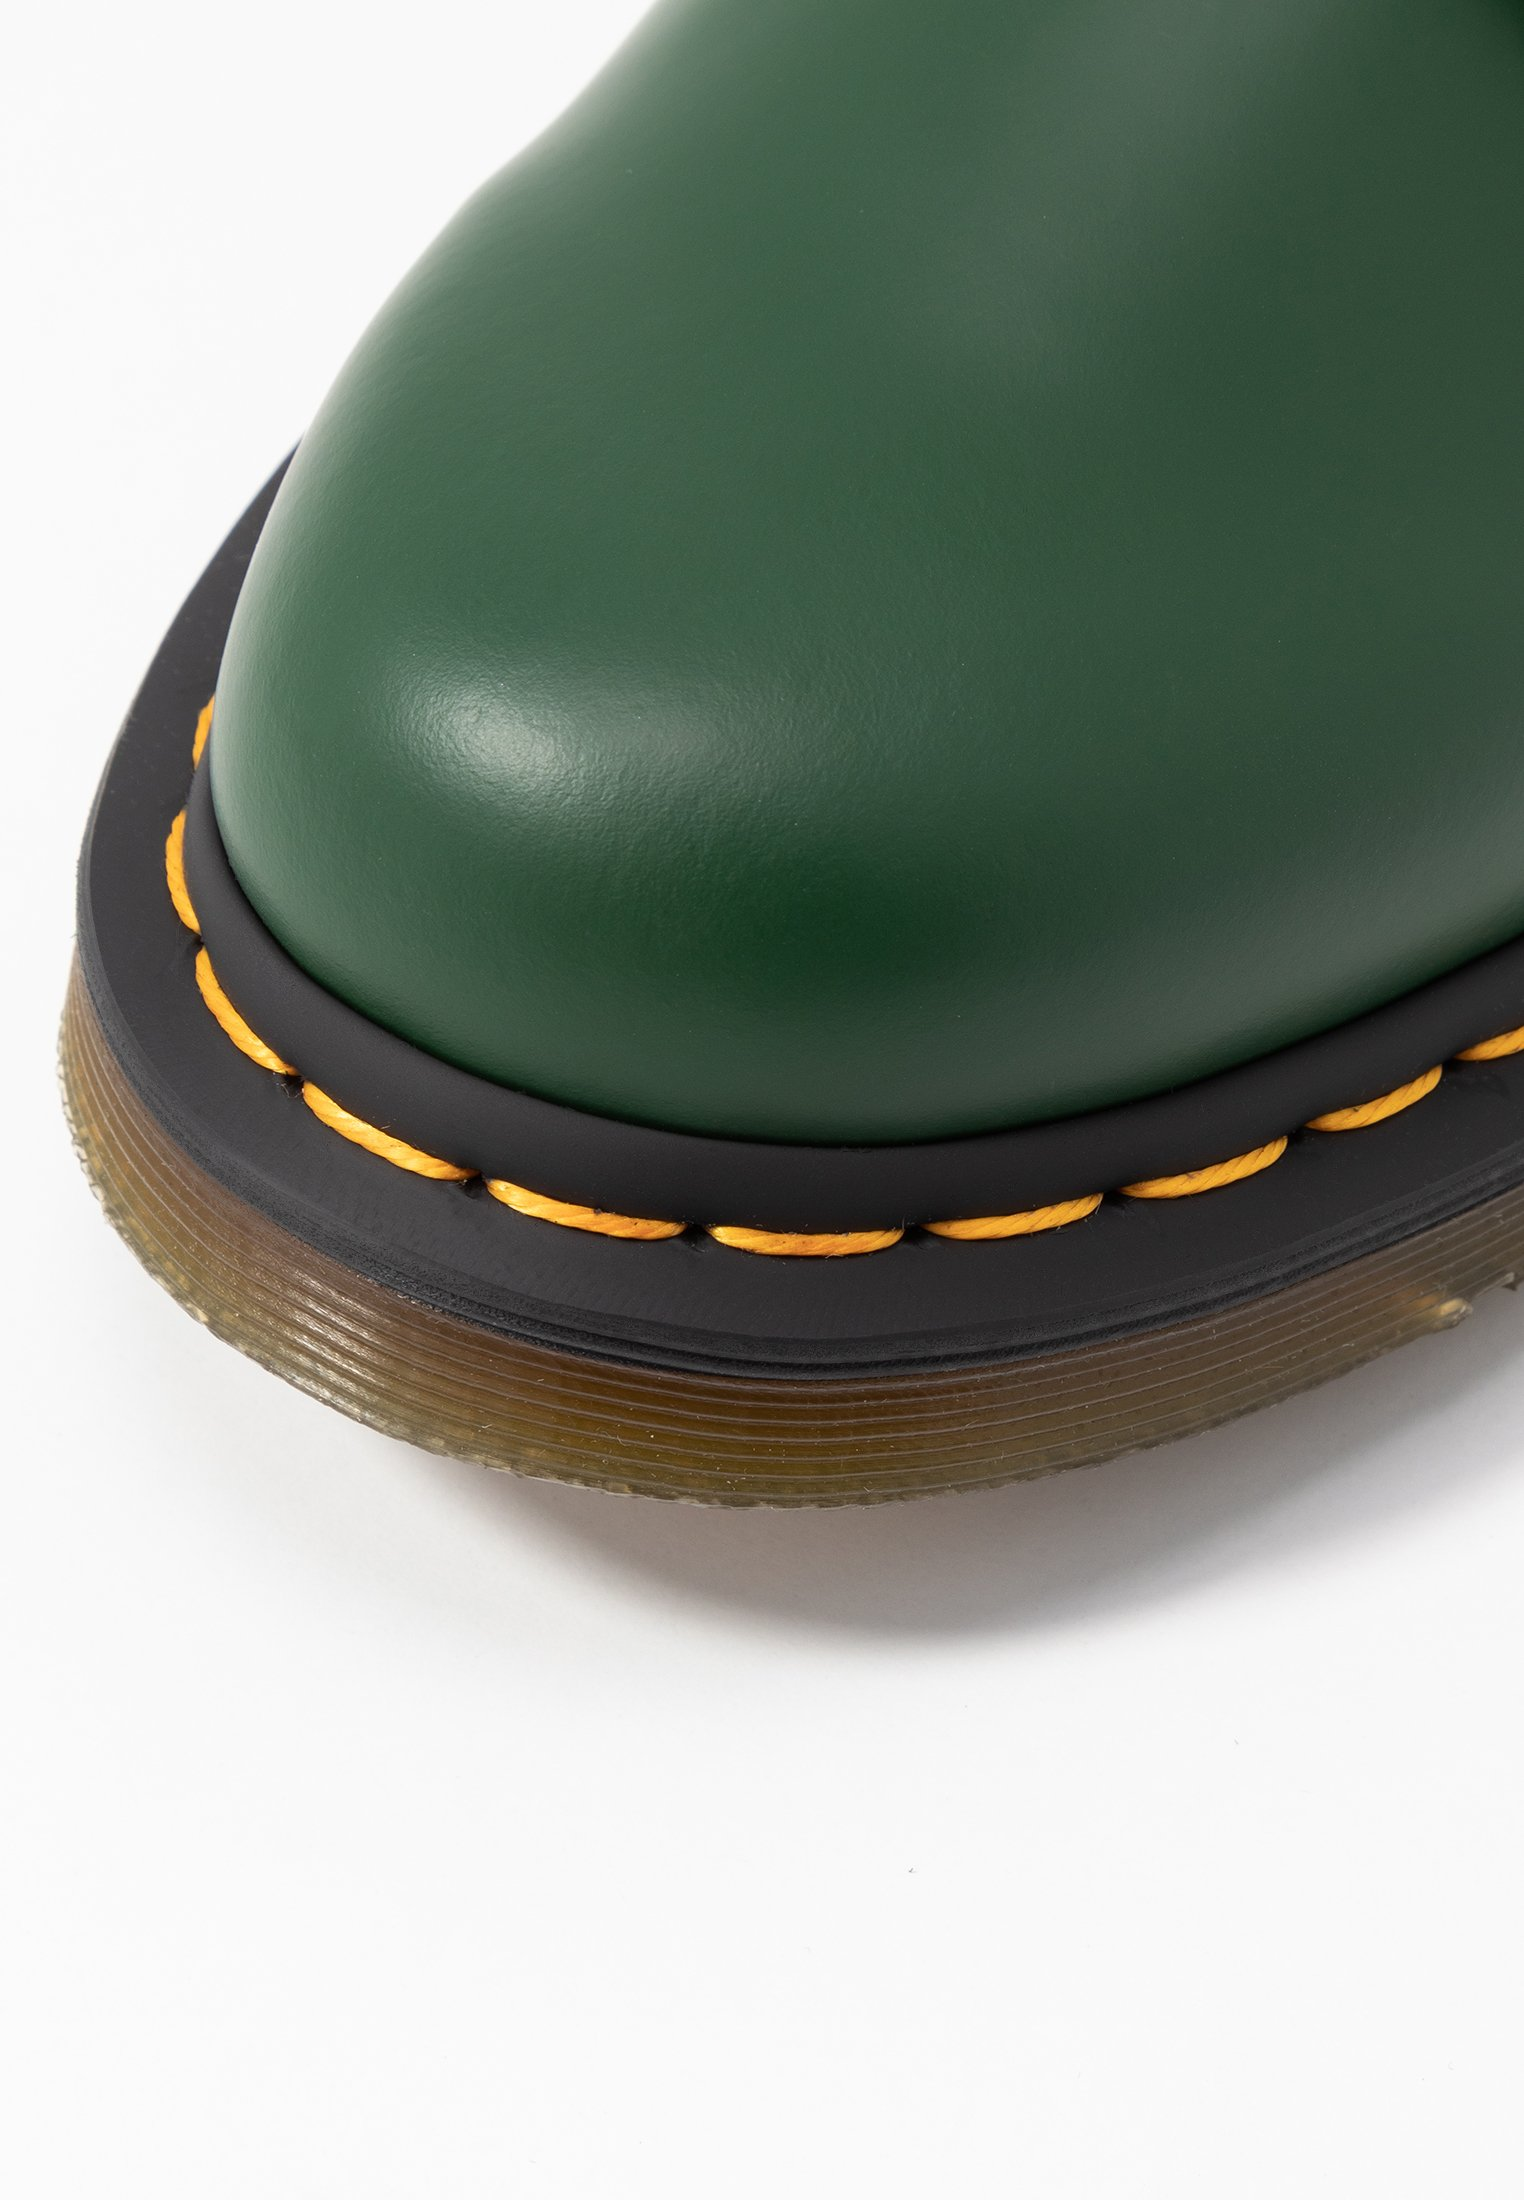 Dr. Martens 1460 Boot - Veterboots Green Smooth Goedkope Schoenen